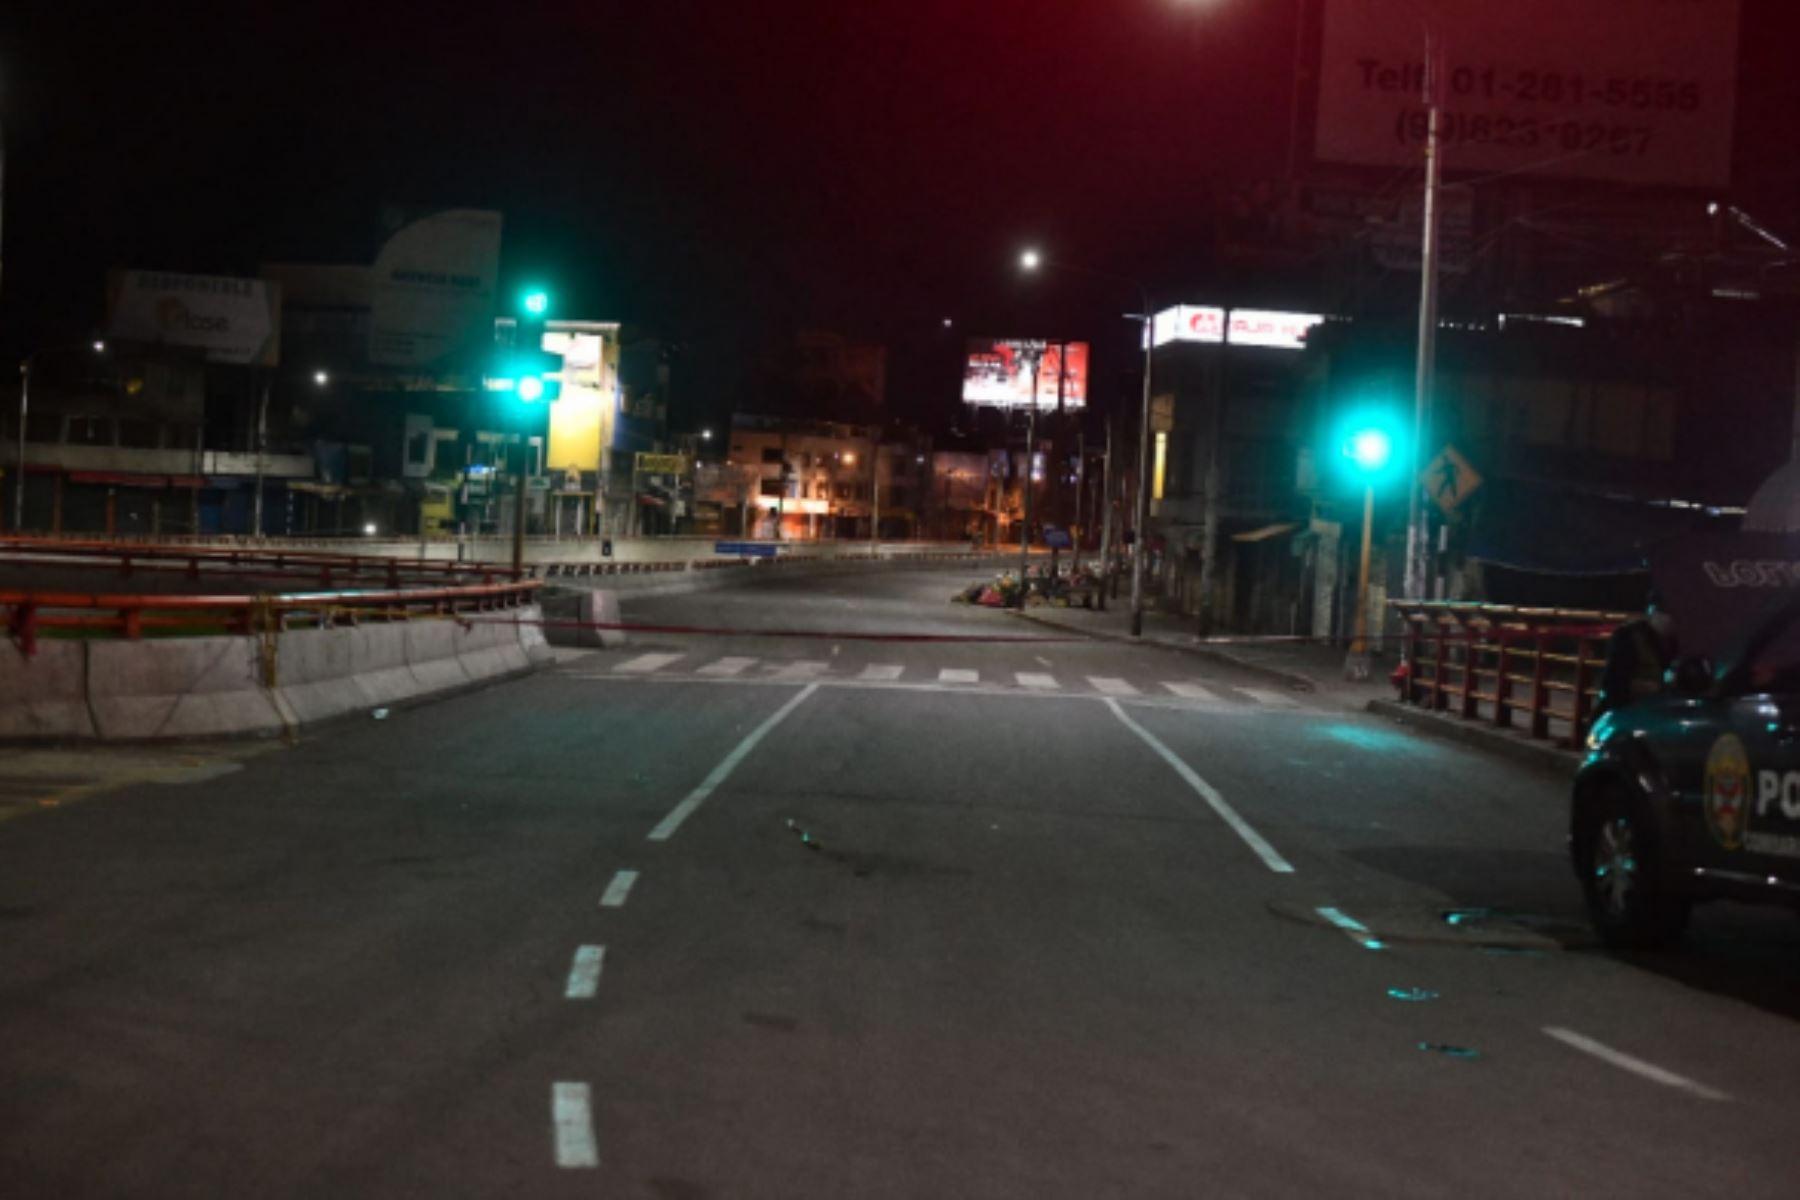 Pobladores de Arequipa acatan la Inmovilización social obligatoria desde las 20:00 hasta las 05:00 horas, en  Arequipa. Foto :Cortesía /Diego Ramos